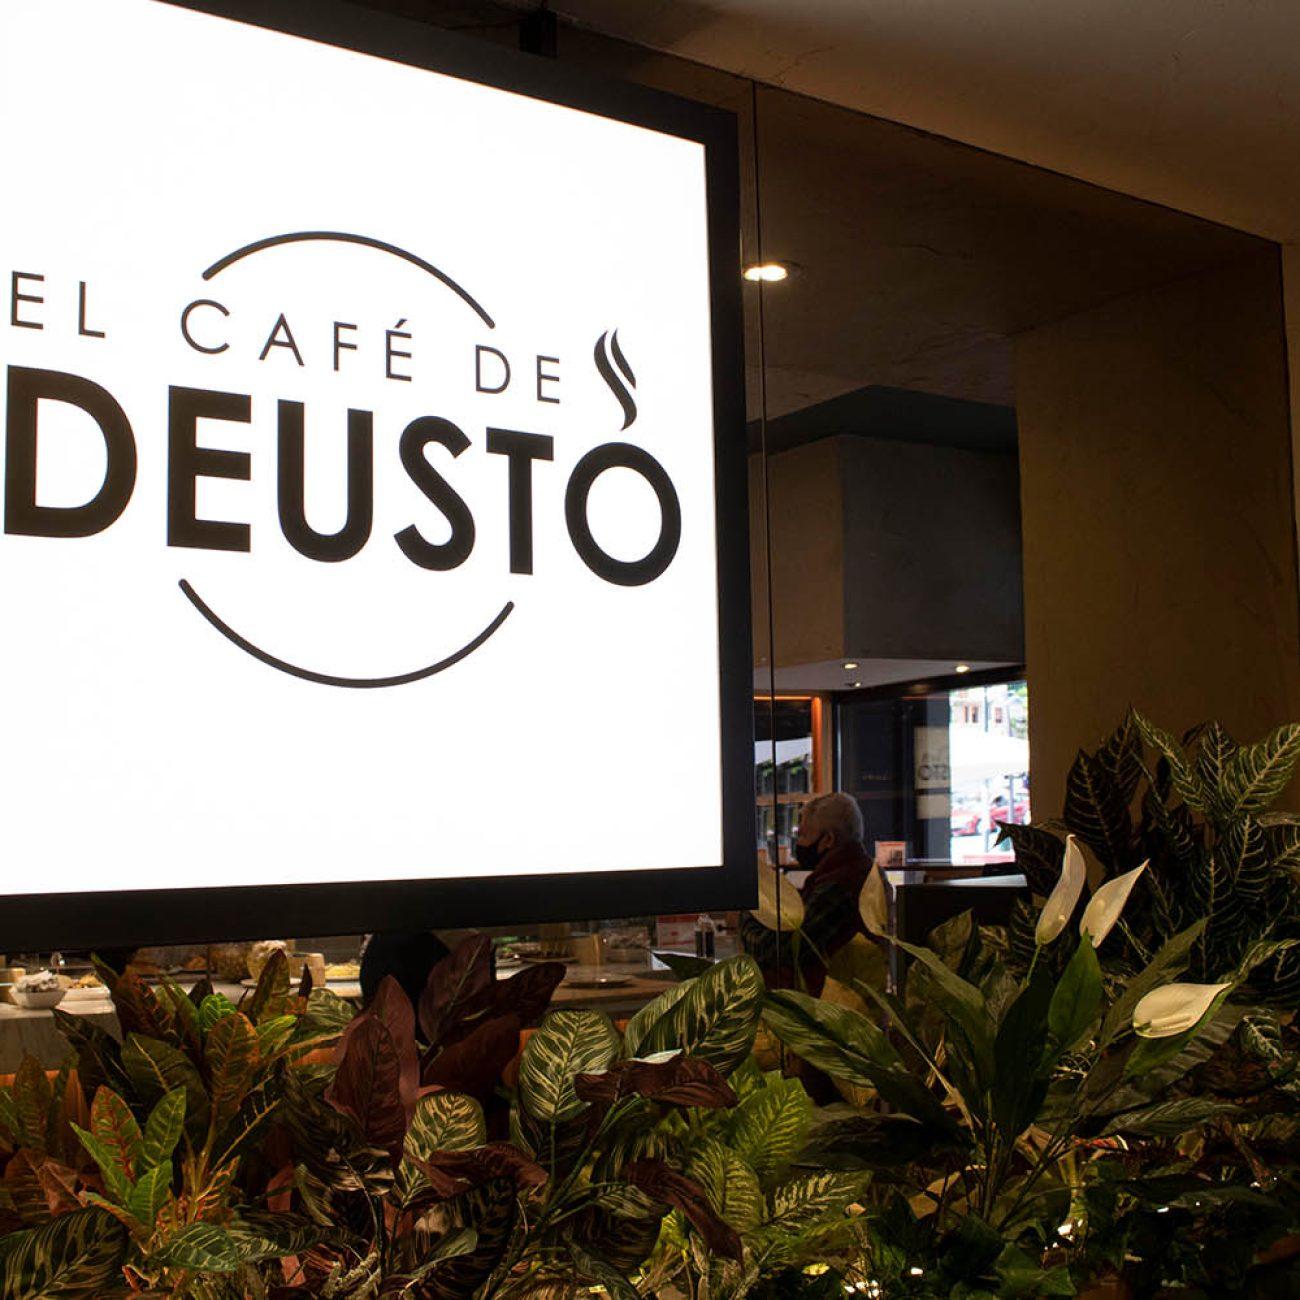 EL CAFE DE DEUSTO